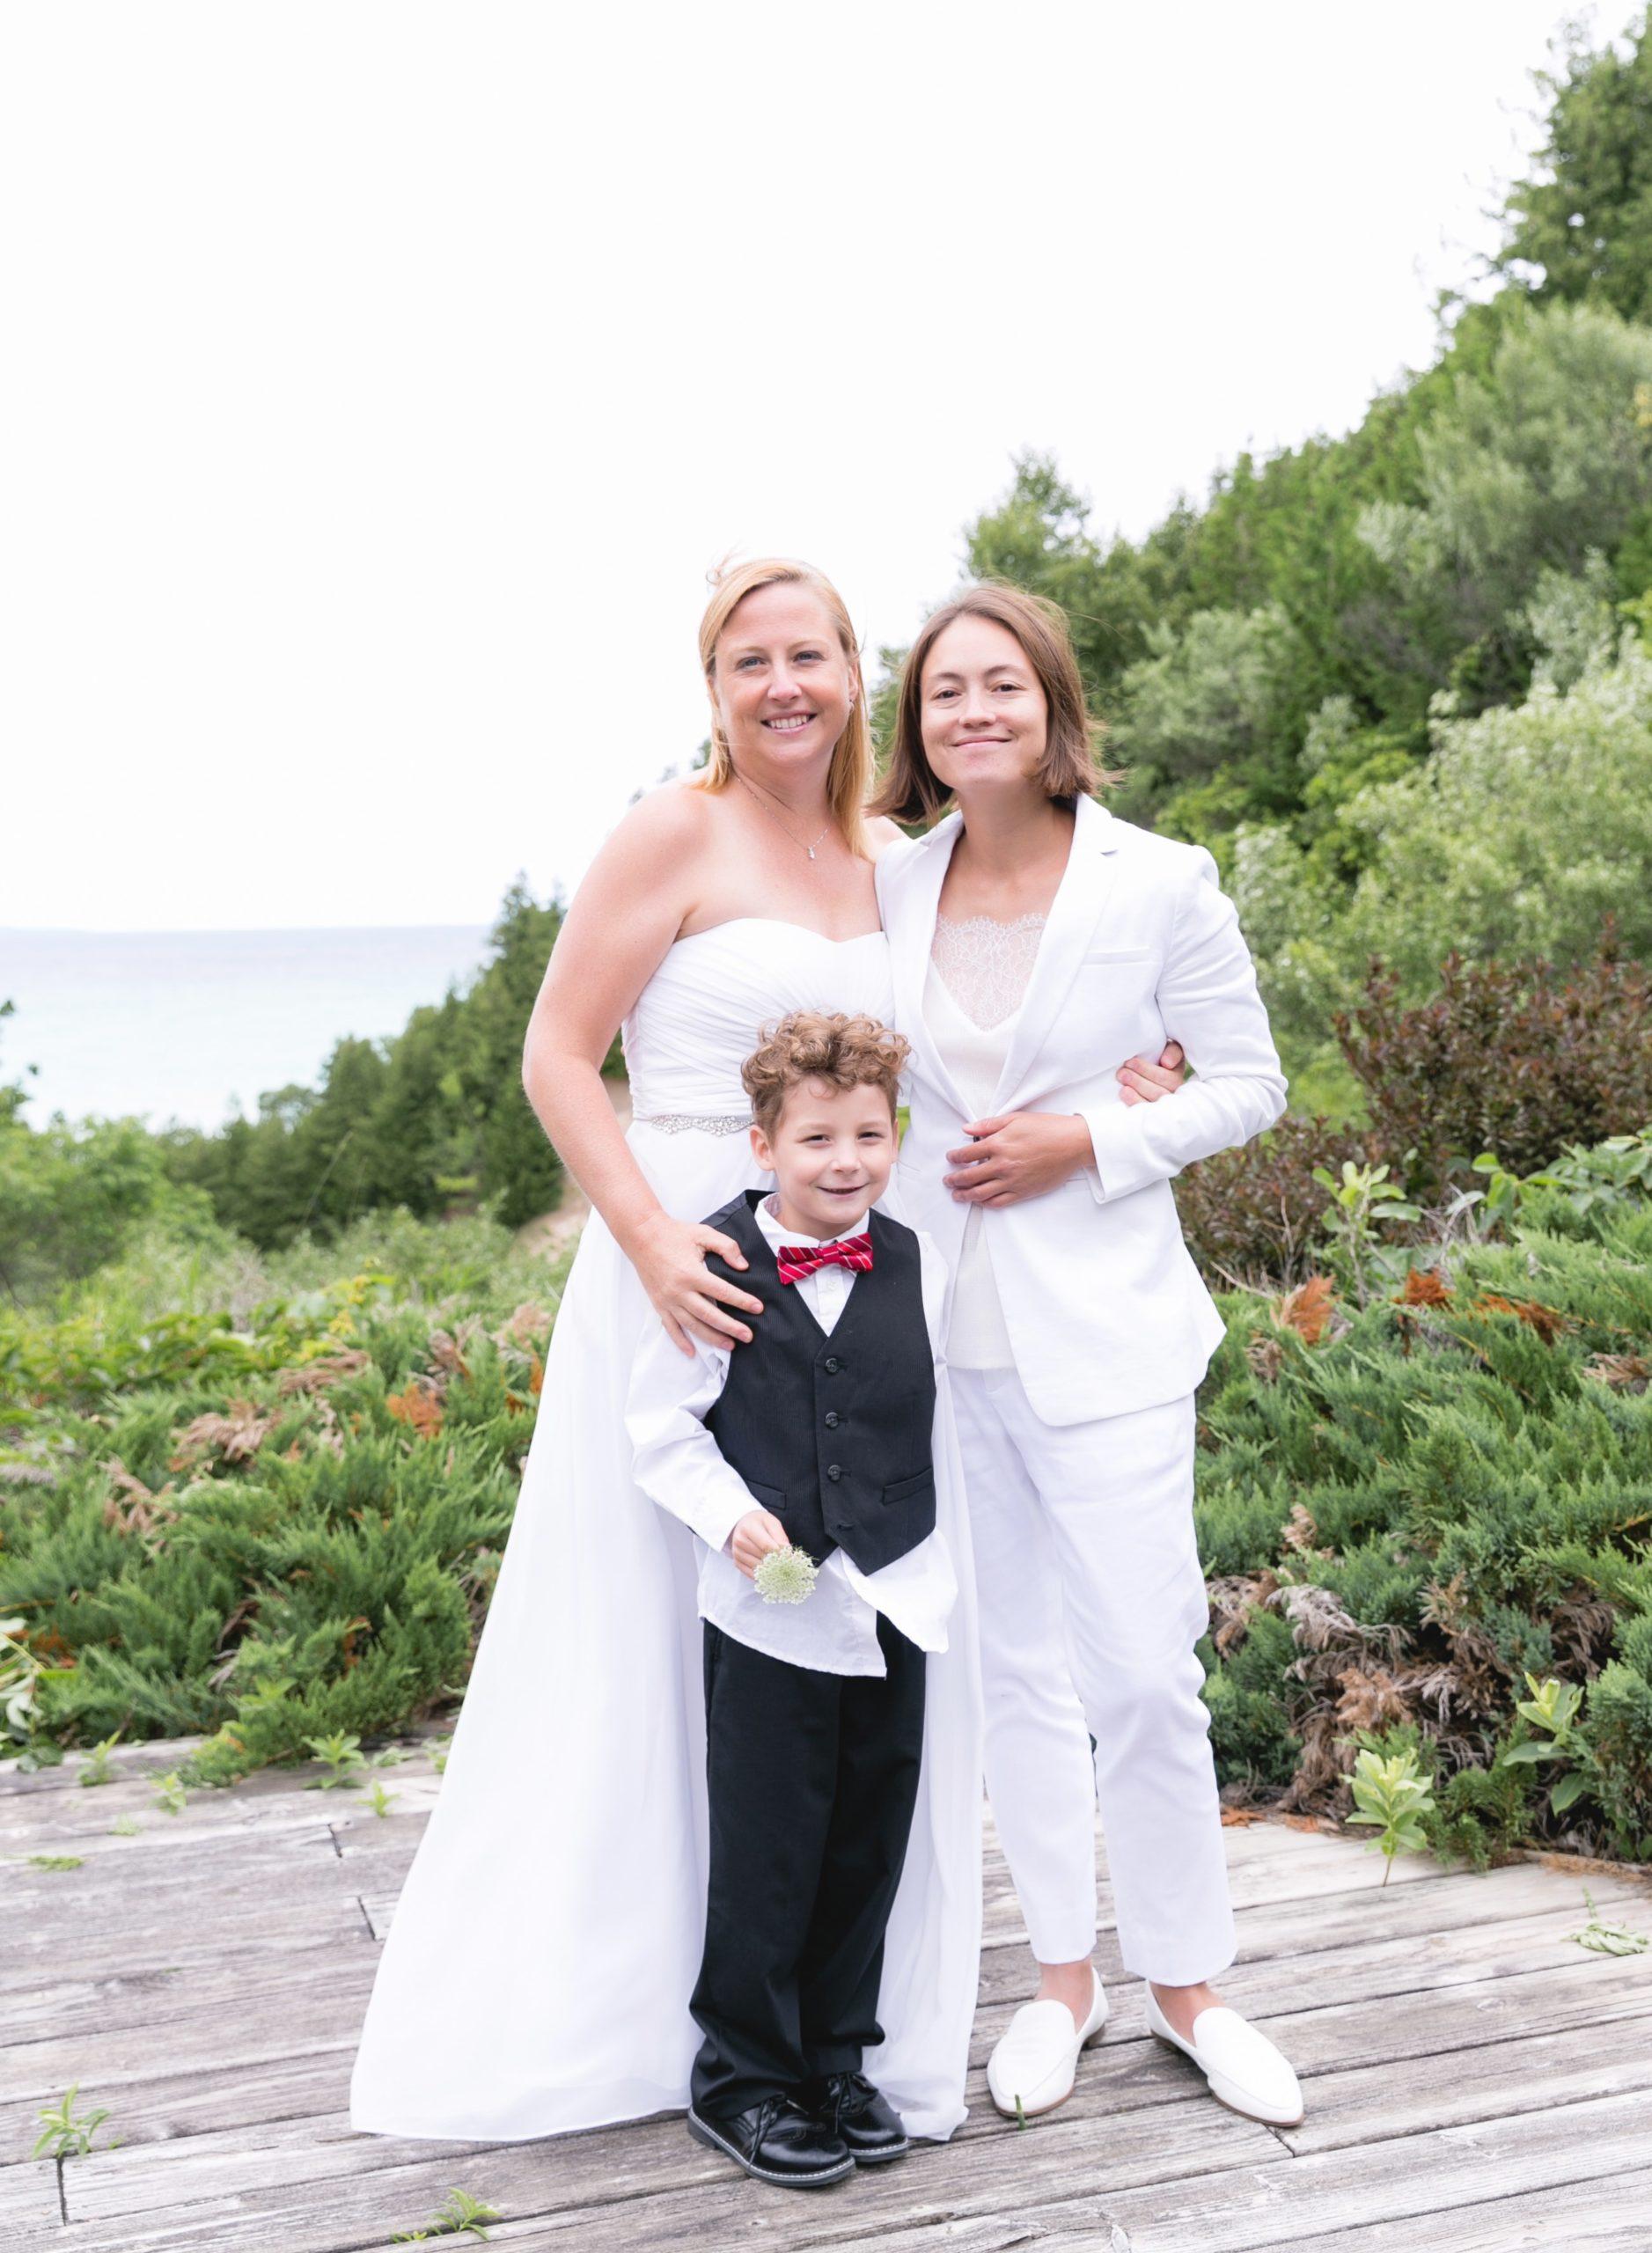 Rachel, Sarah, and Son